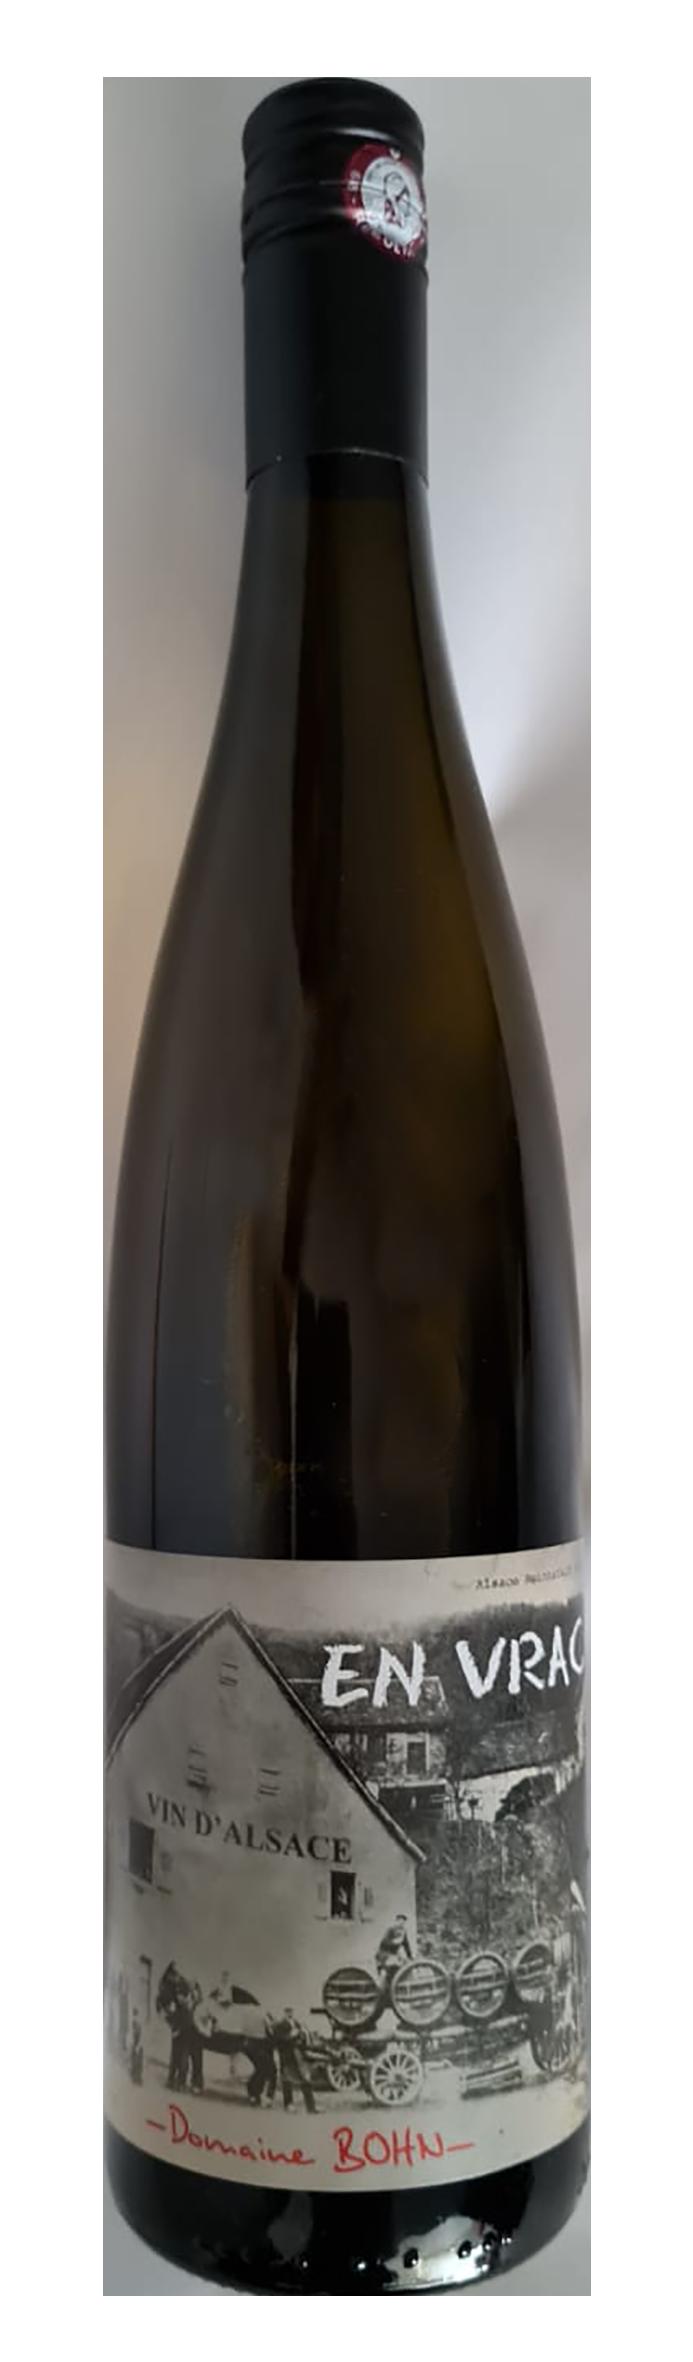 Bouteille de vin blanc d'assemblage d'Alsace, nom de cuvée : En vrac, domaine Bohn